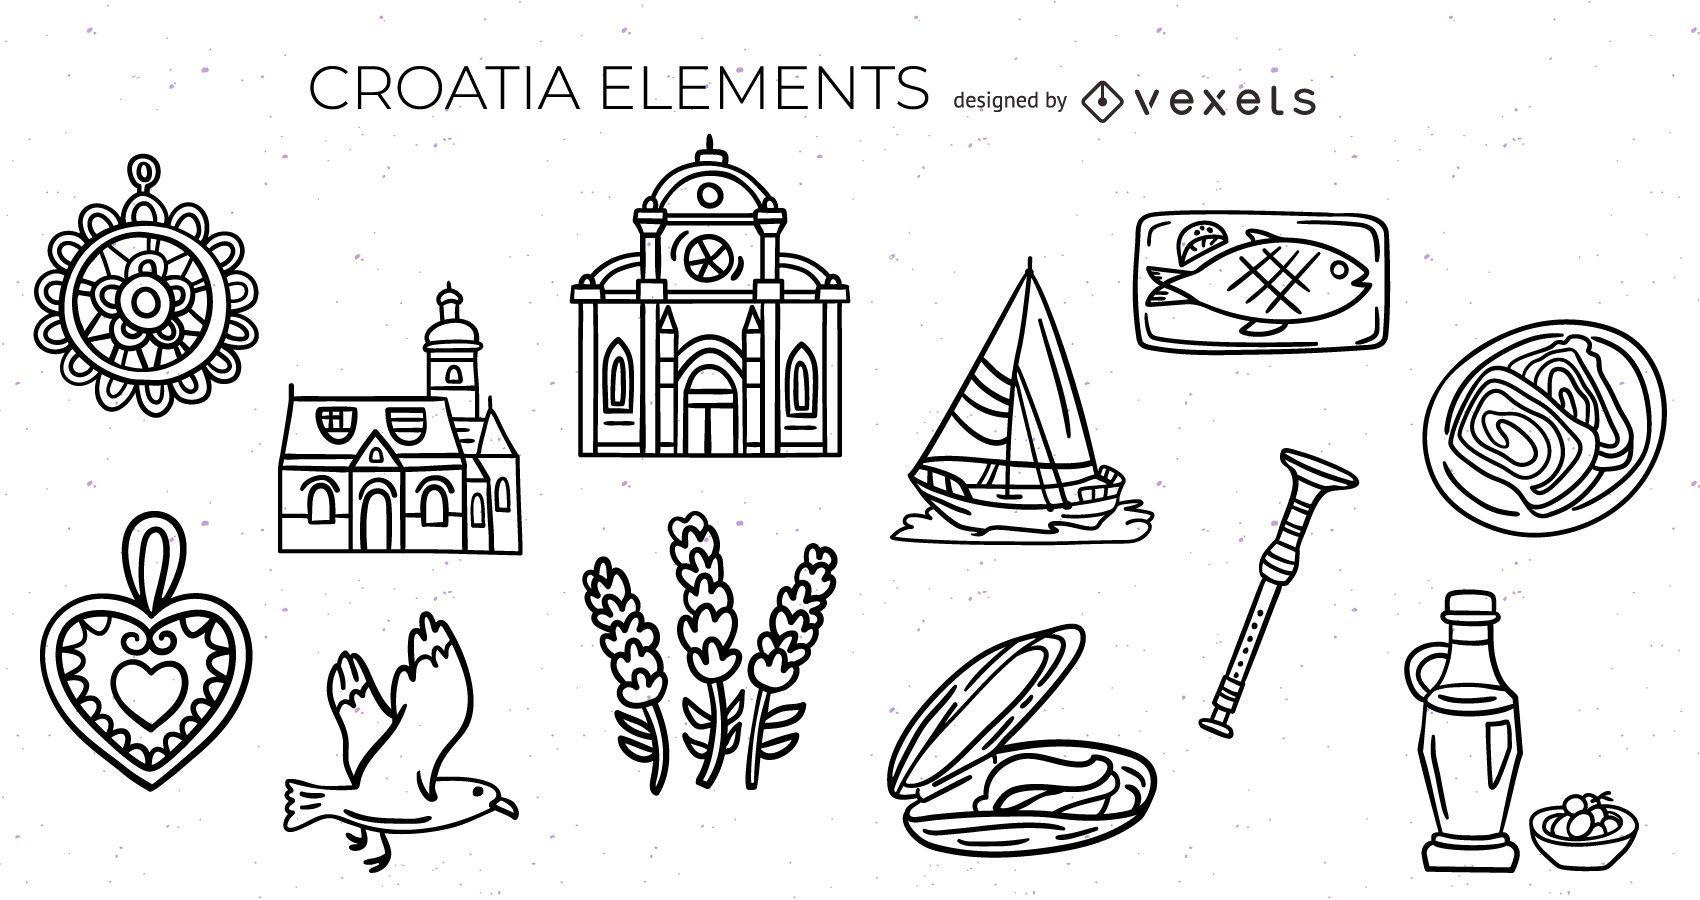 Croatian elements stroke set